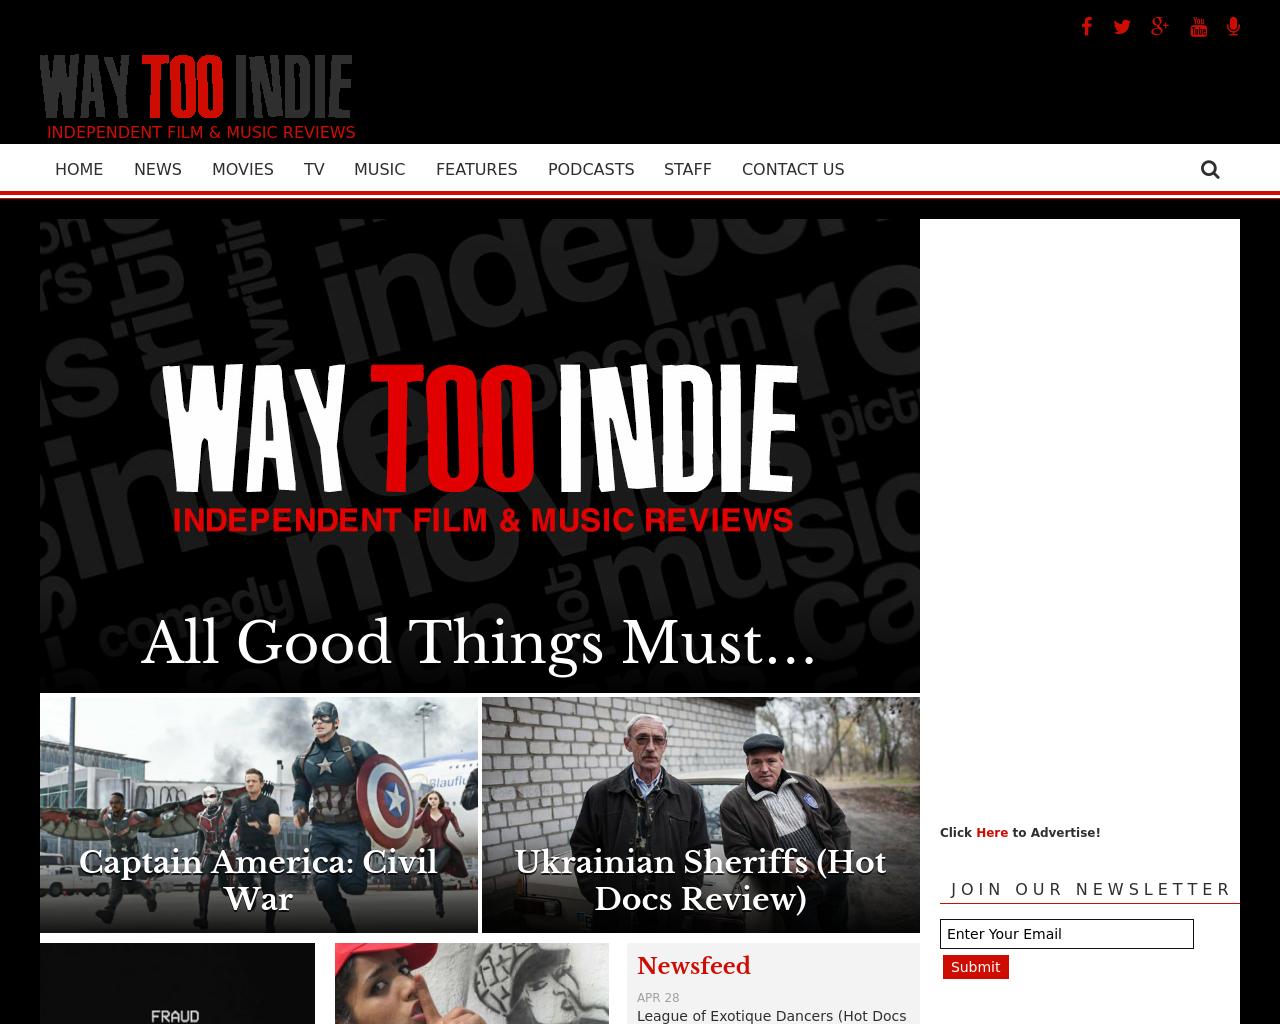 WAY-TOO-INDIE-Advertising-Reviews-Pricing